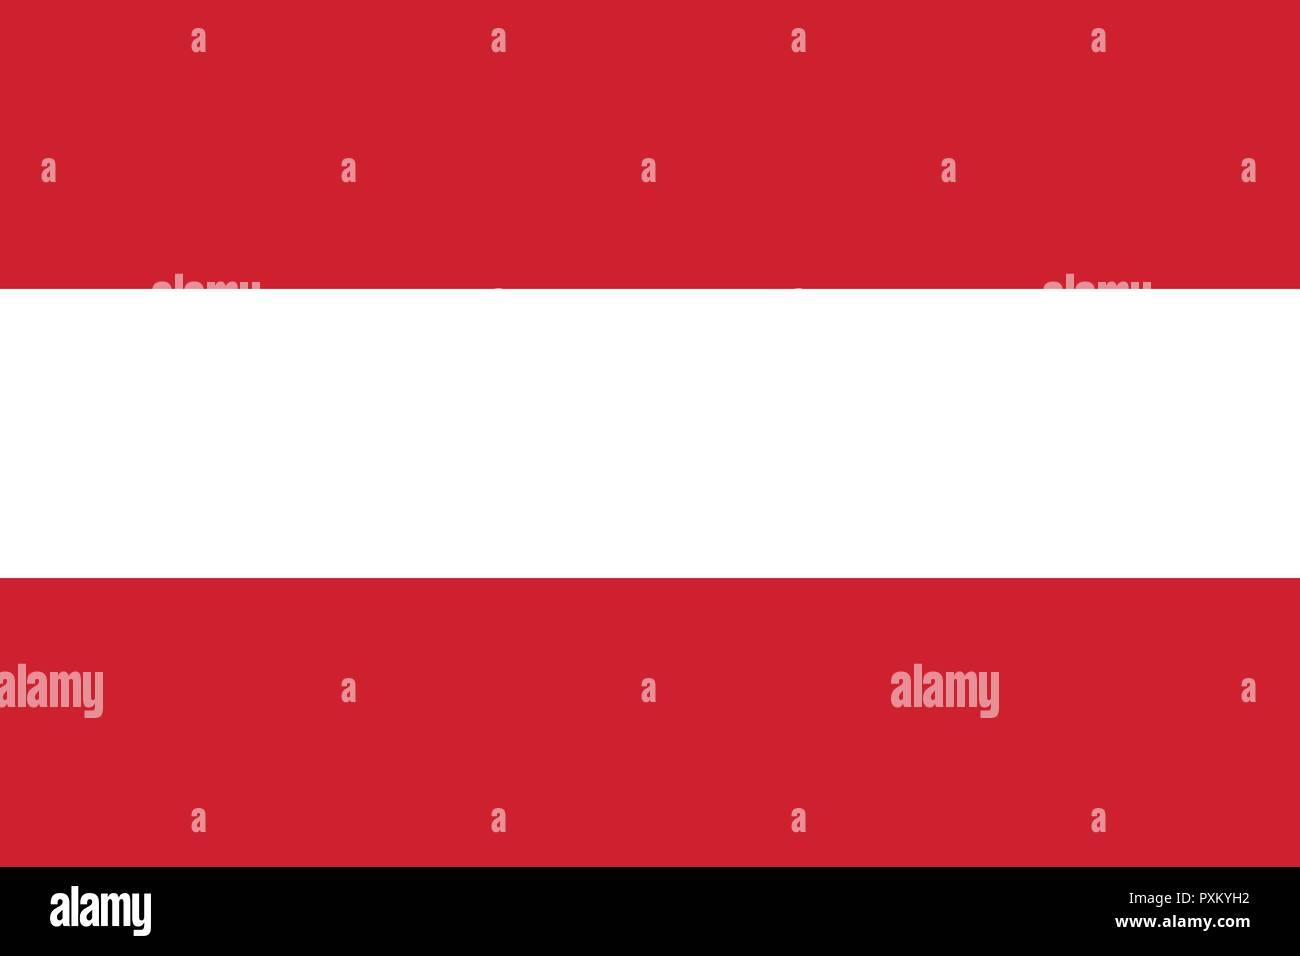 Vektor Bild Für österreich Flagge Auf Der Grundlage Der Offiziellen